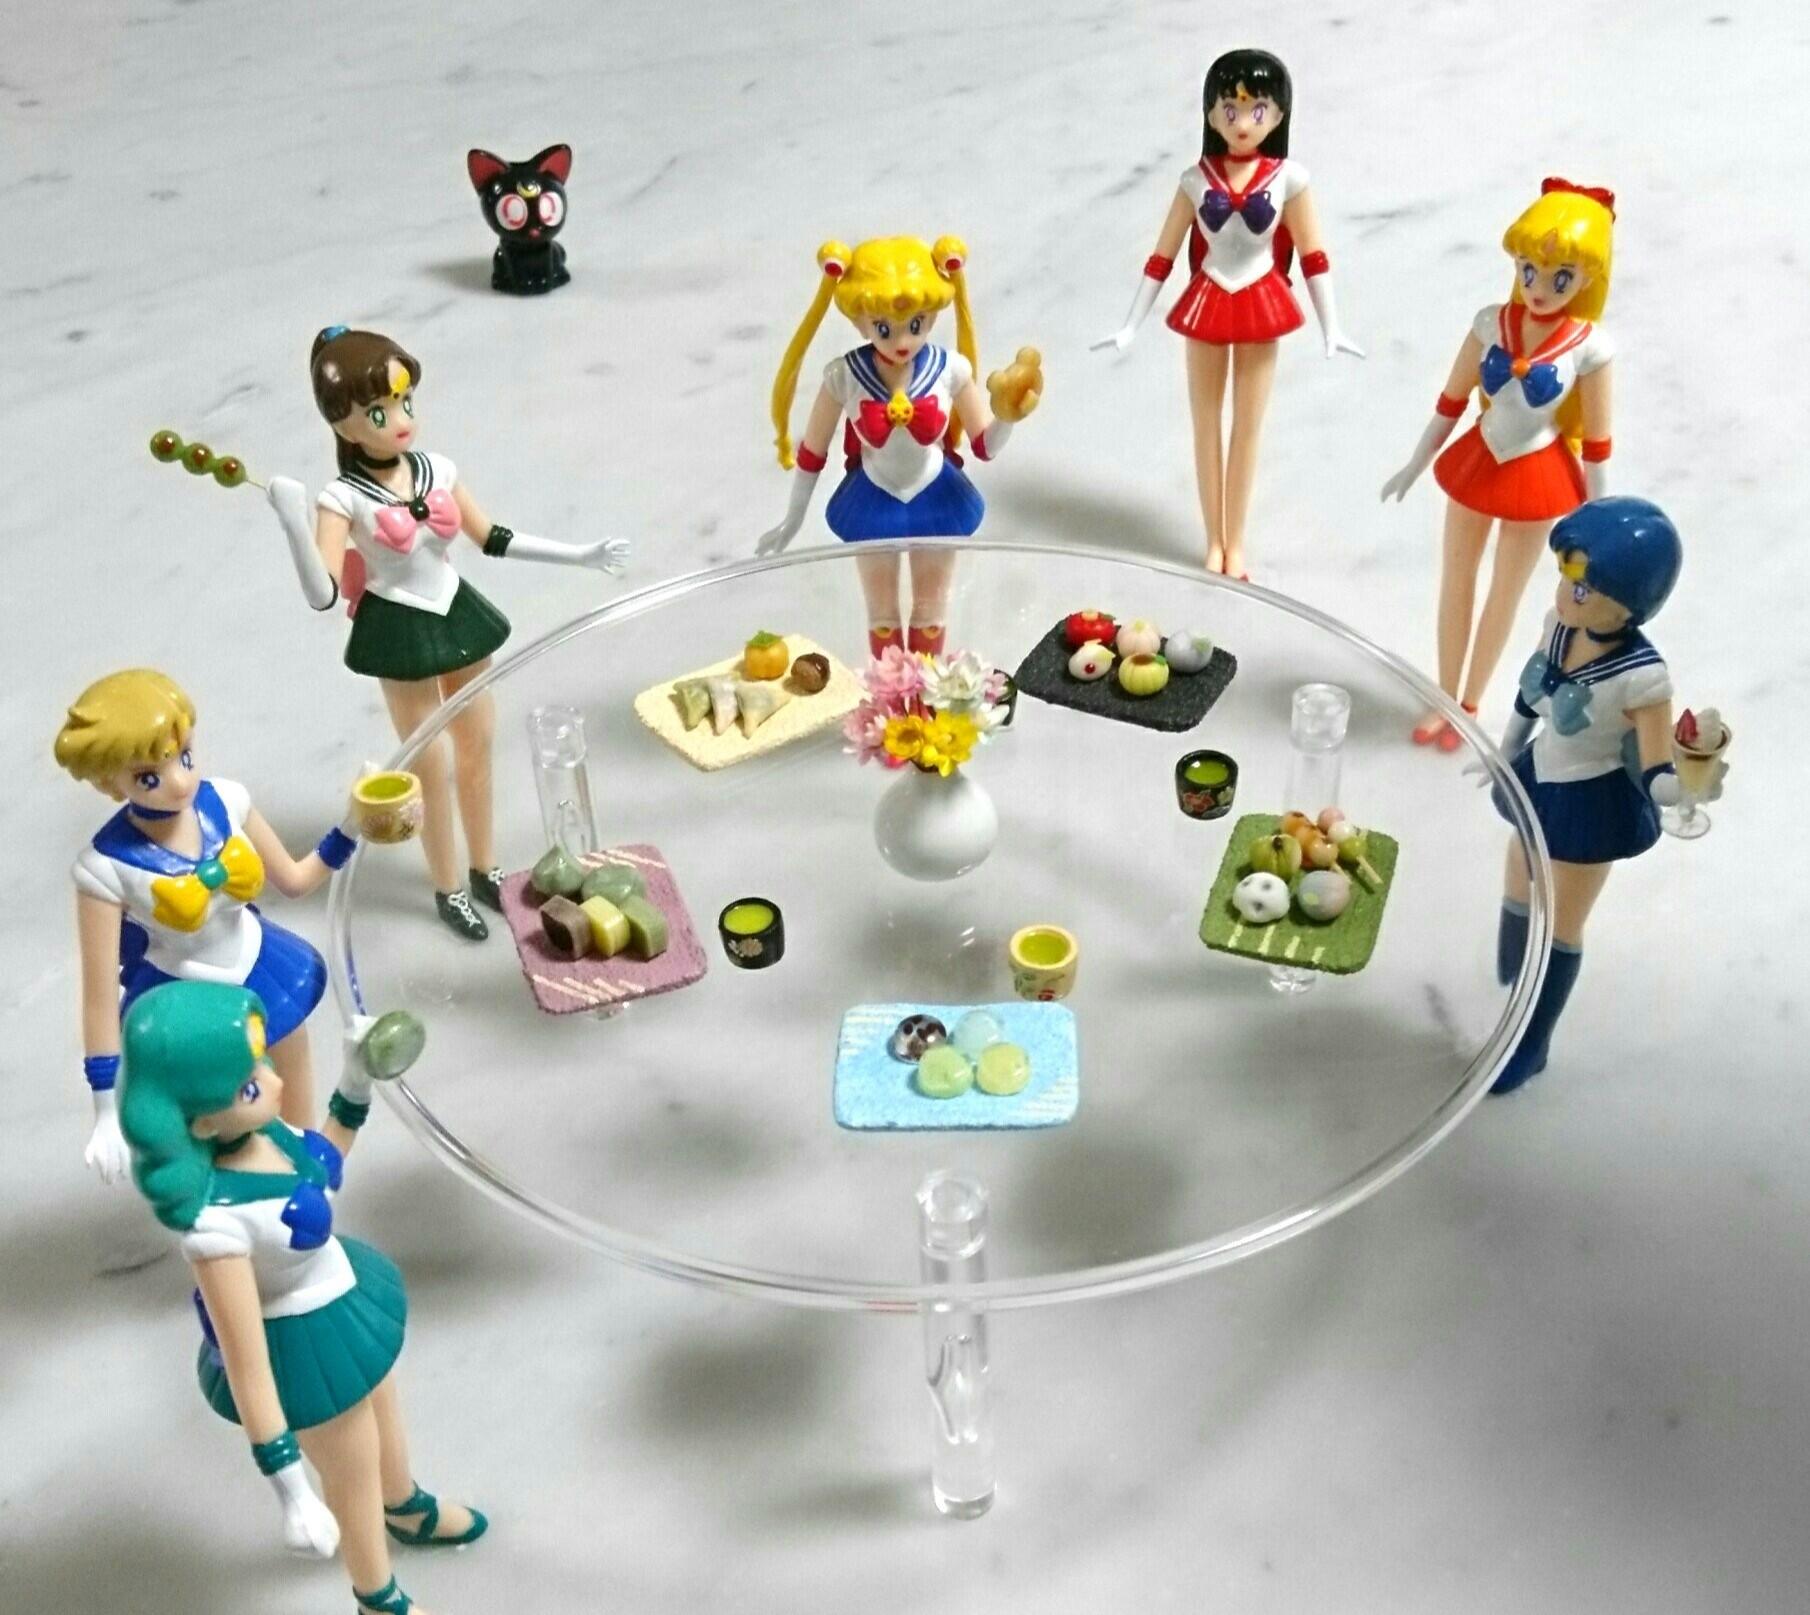 セーラームーン,人形,ドール,ミニチュアフード,猫,キャラクター